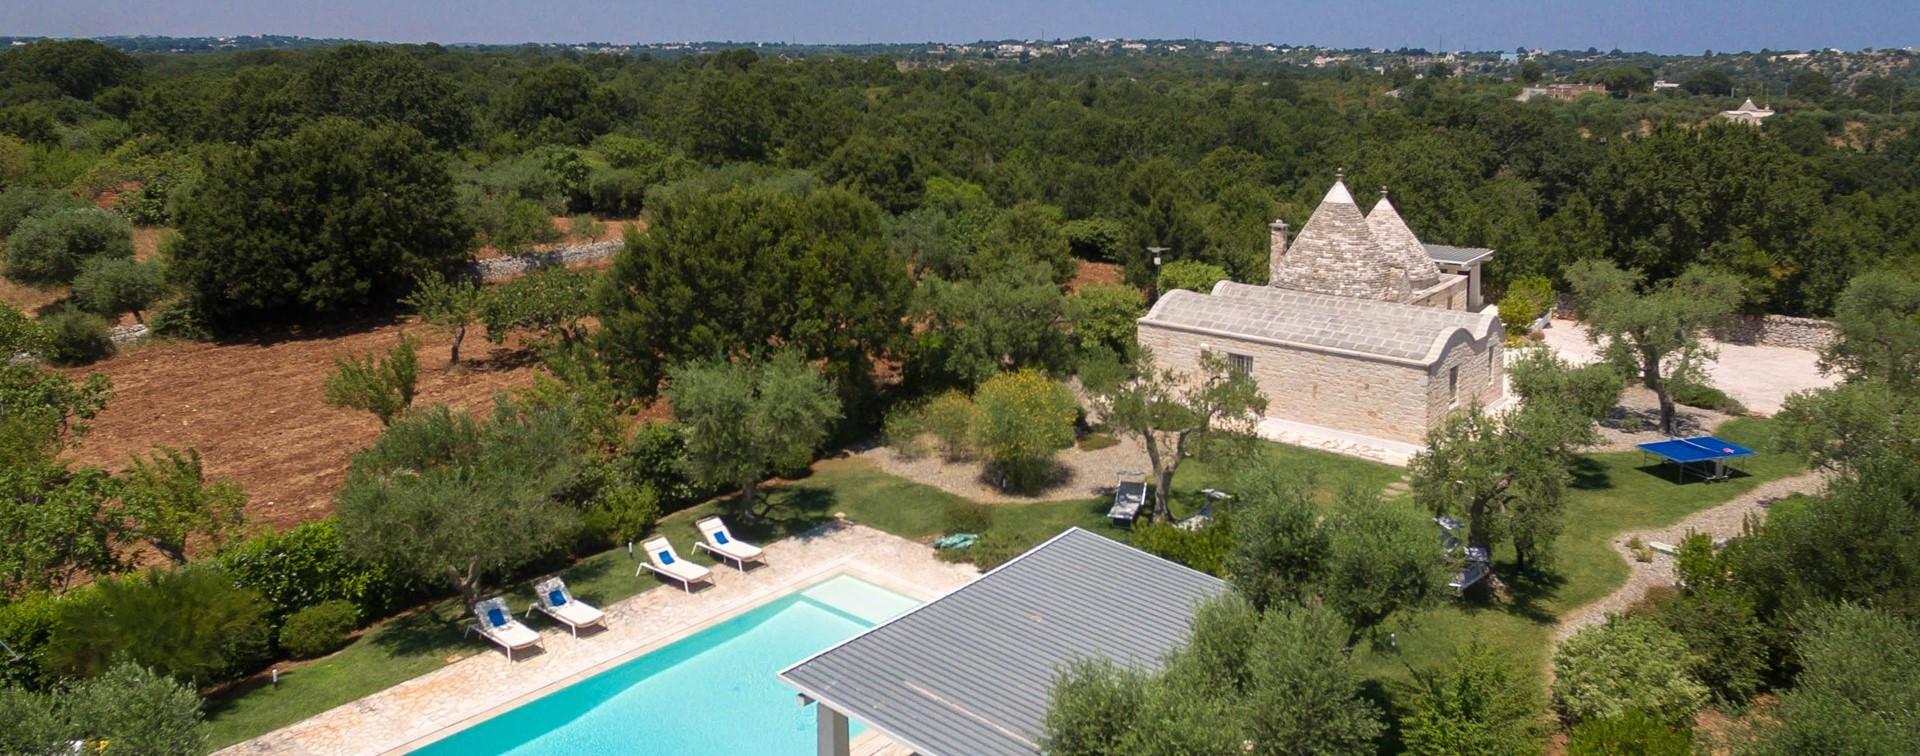 3-bedroom-pool-villa-puglia